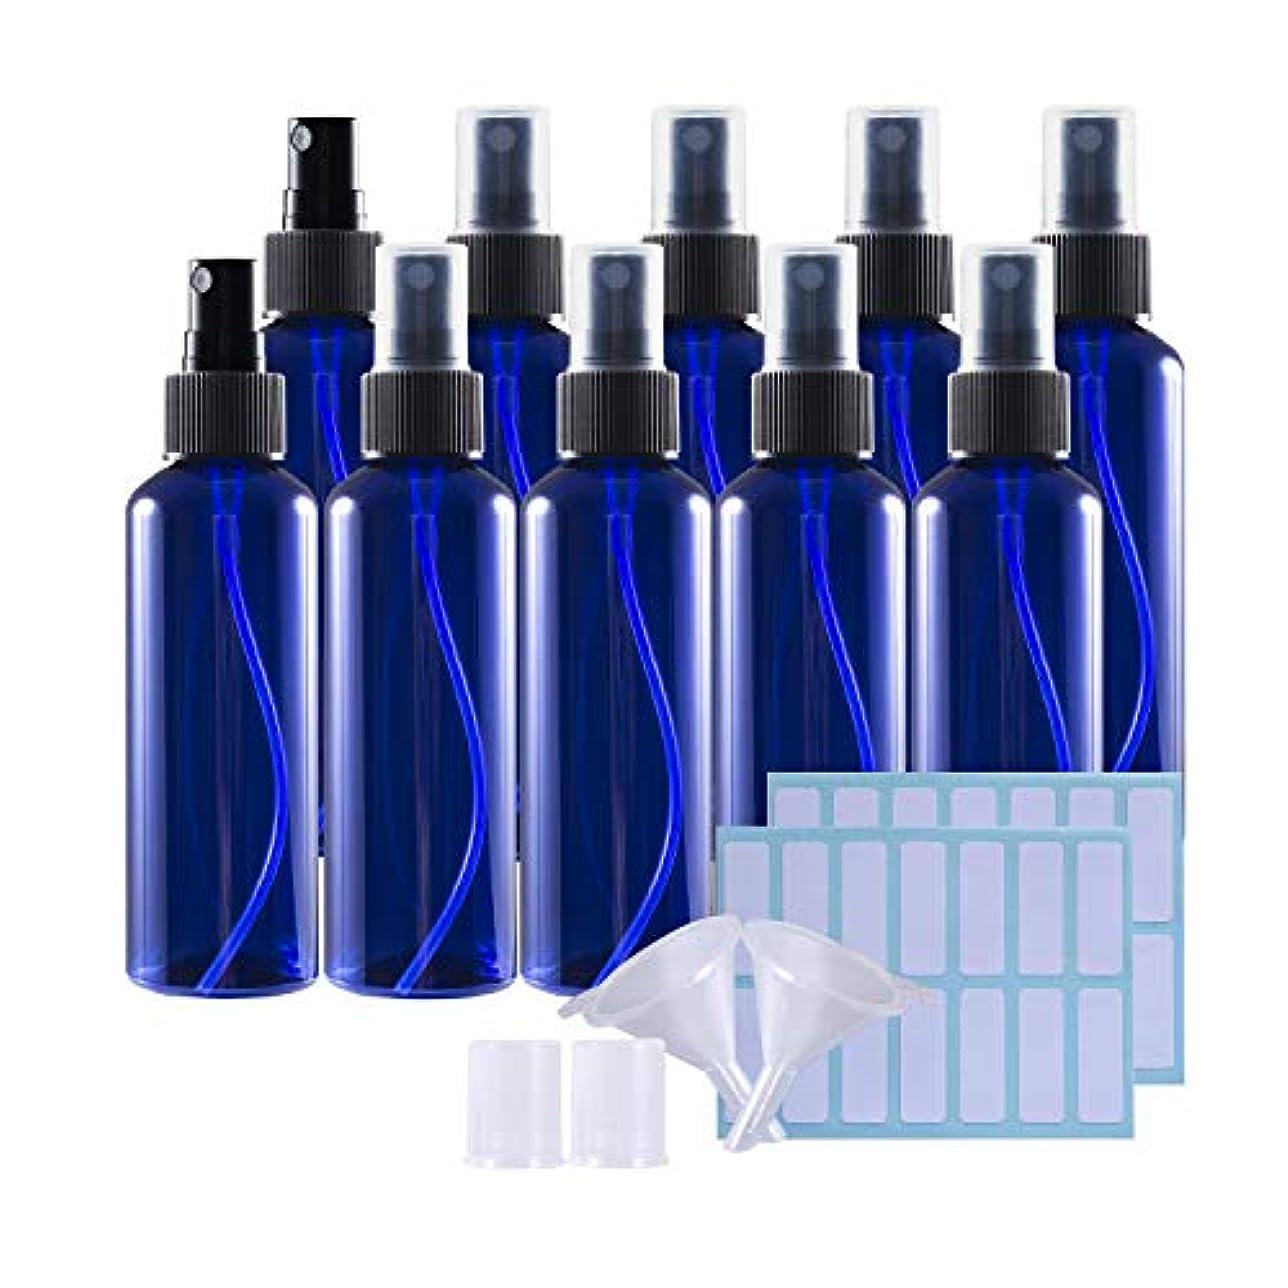 ロバ農奴プロフィール100mlスプレーボトル 10個セット遮光瓶 小分けボトル プラスチック容器 液体用空ボトル 押し式詰替用ボトル 詰め替え シャンプー クリーム 化粧品 収納瓶